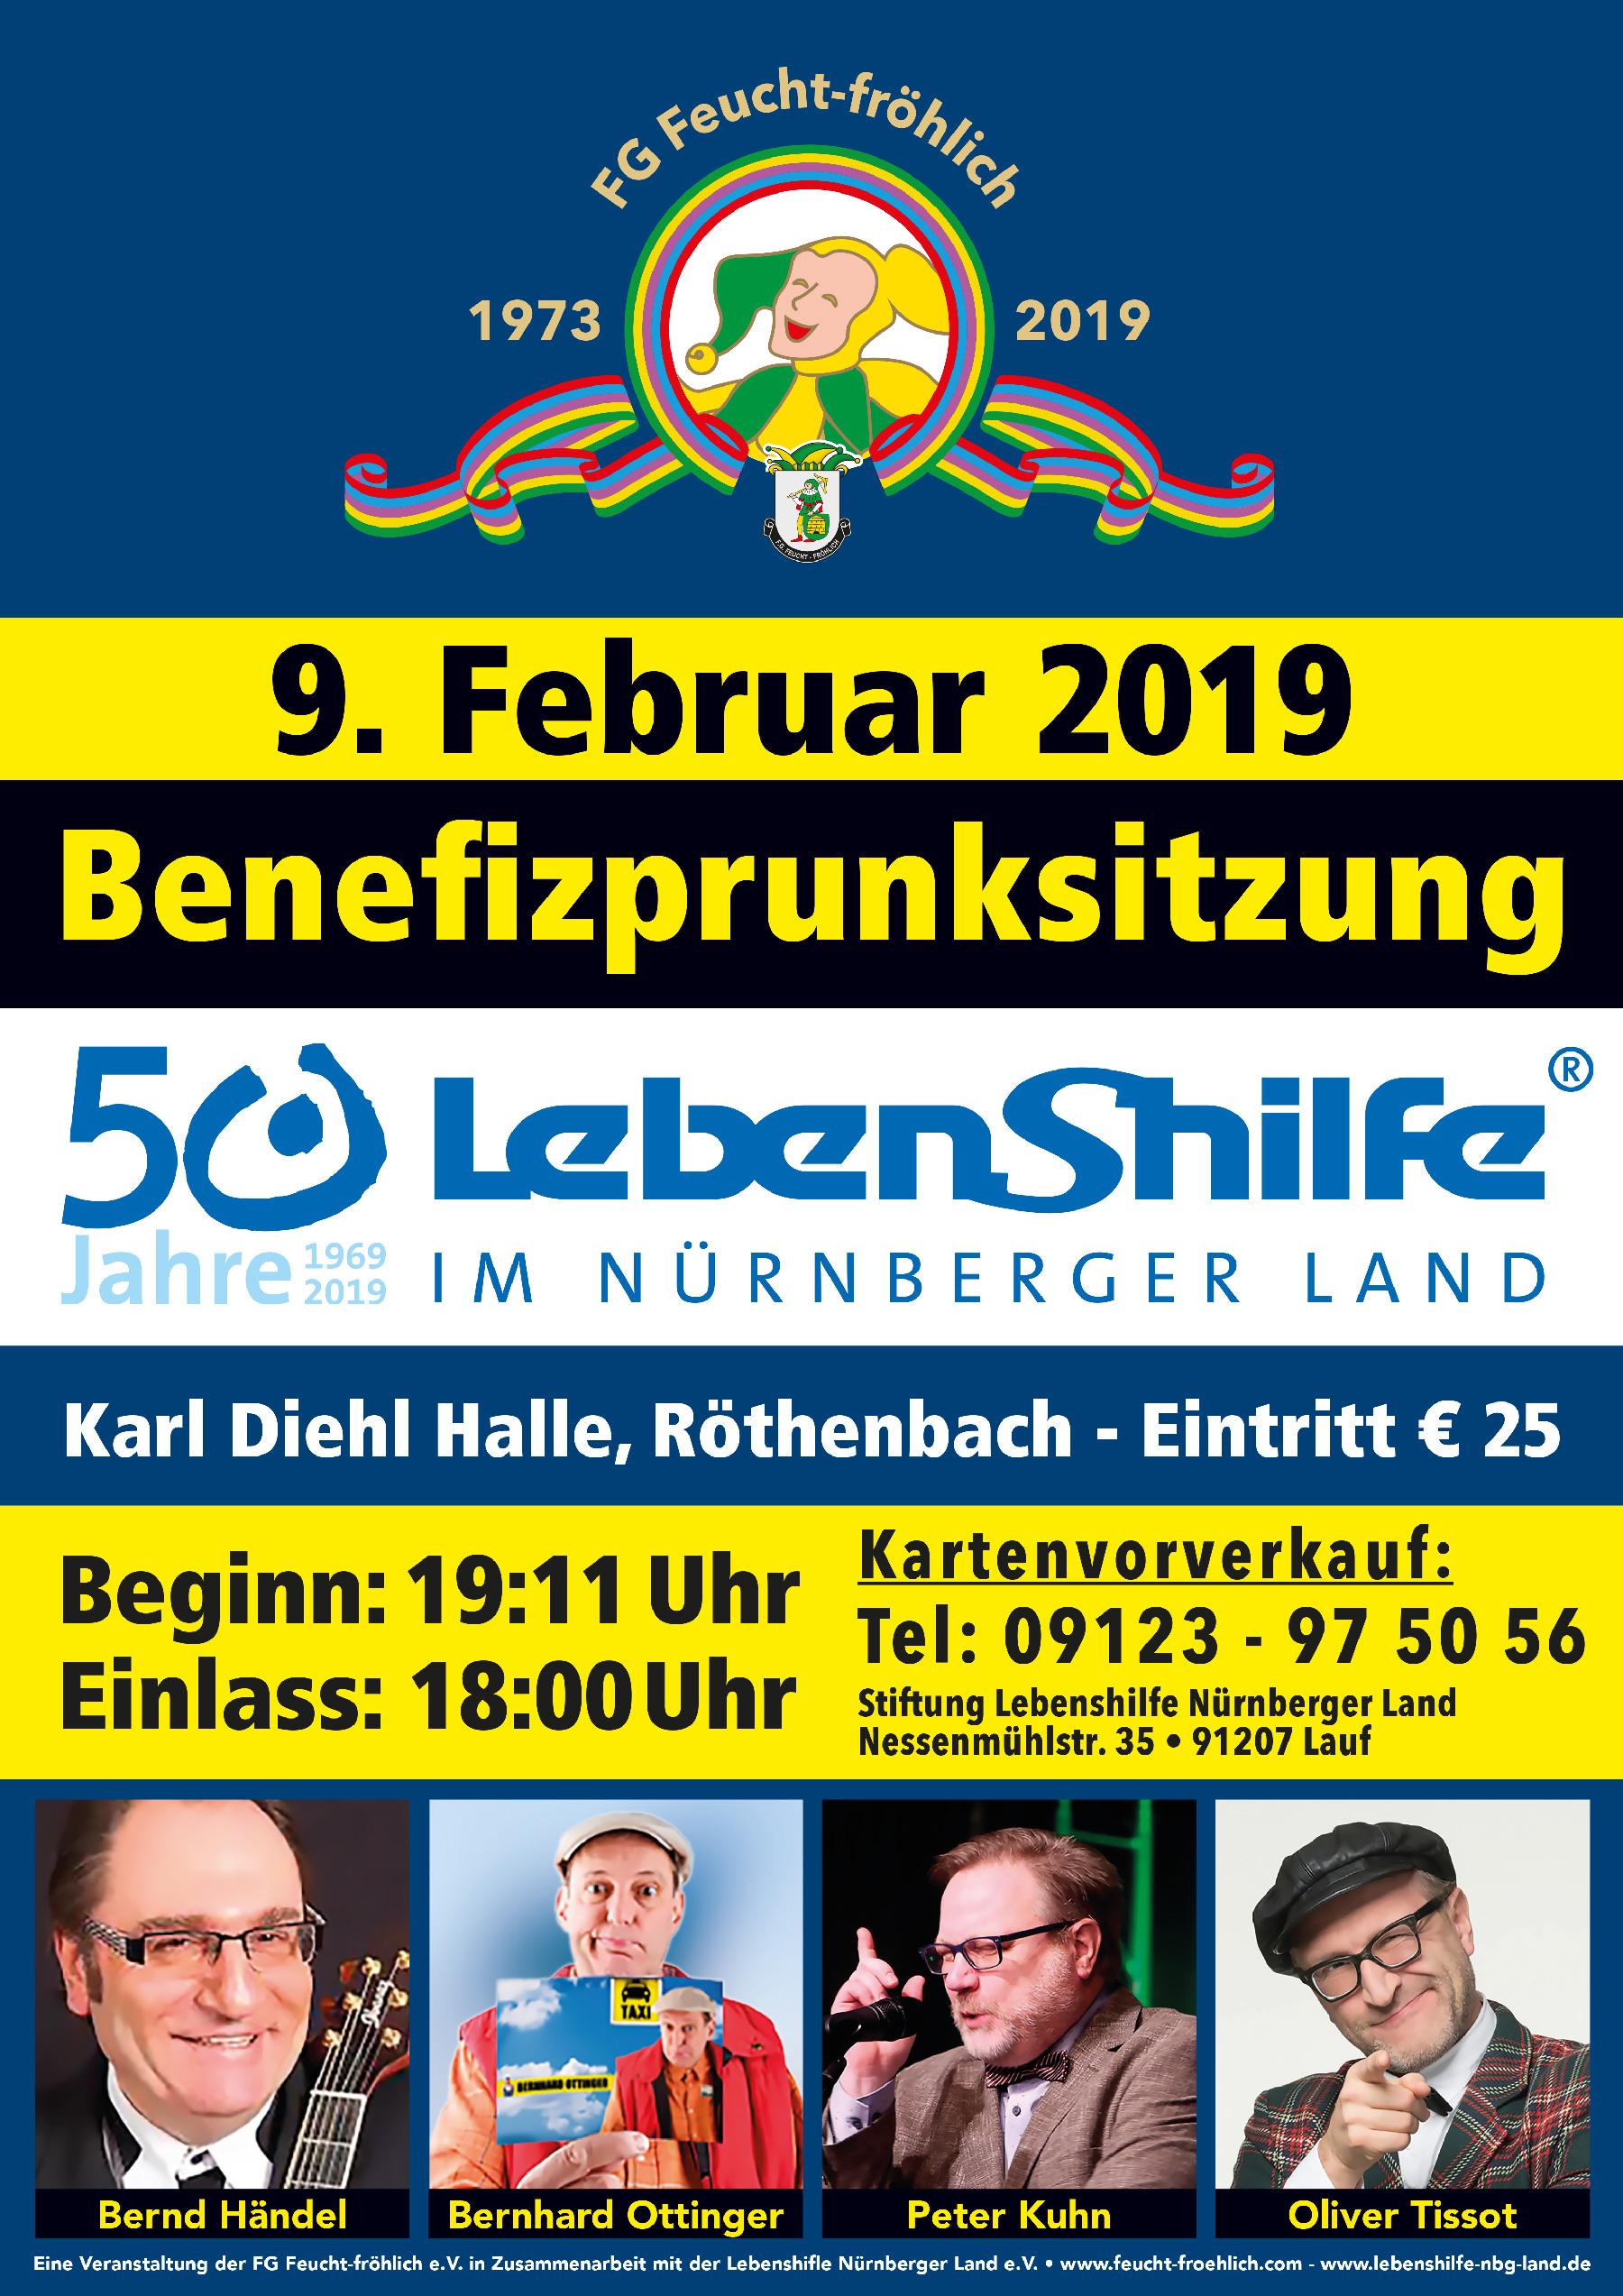 Halten Sie sich den Termin frei, er wird Ihr Leben positiv verändern: 9. Februar 2019. Jetzt Tickets sichern für die Benefizprunksitzung, eine Veranstaltung der FG Feucht-fröhlich in Zusammenarbeit mit der Lebenshifle Nürnberger Land.